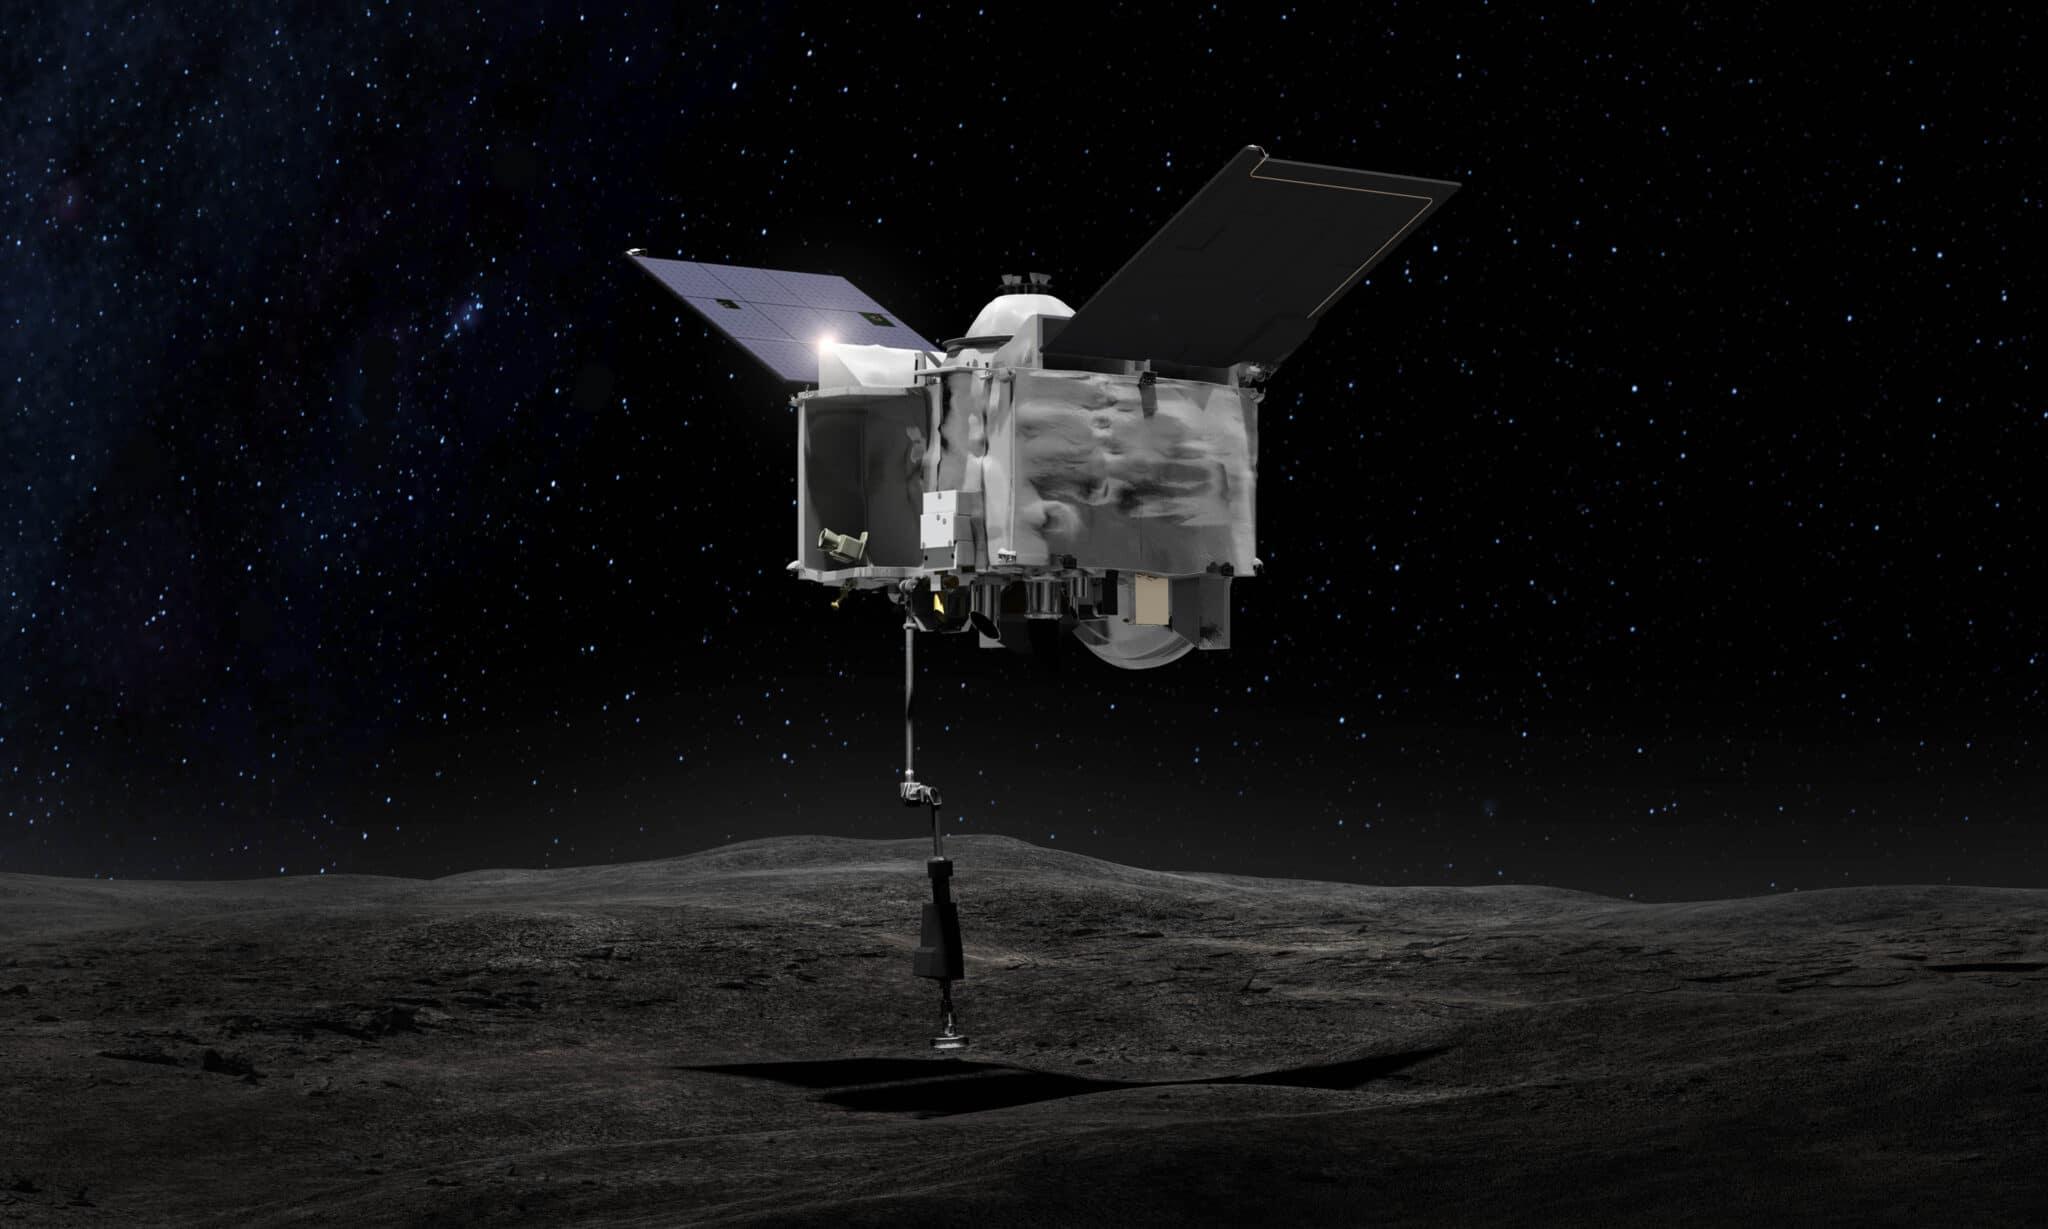 Immagini asteroide Bennu da OSIRIS-REx Credits: wikiwand.com